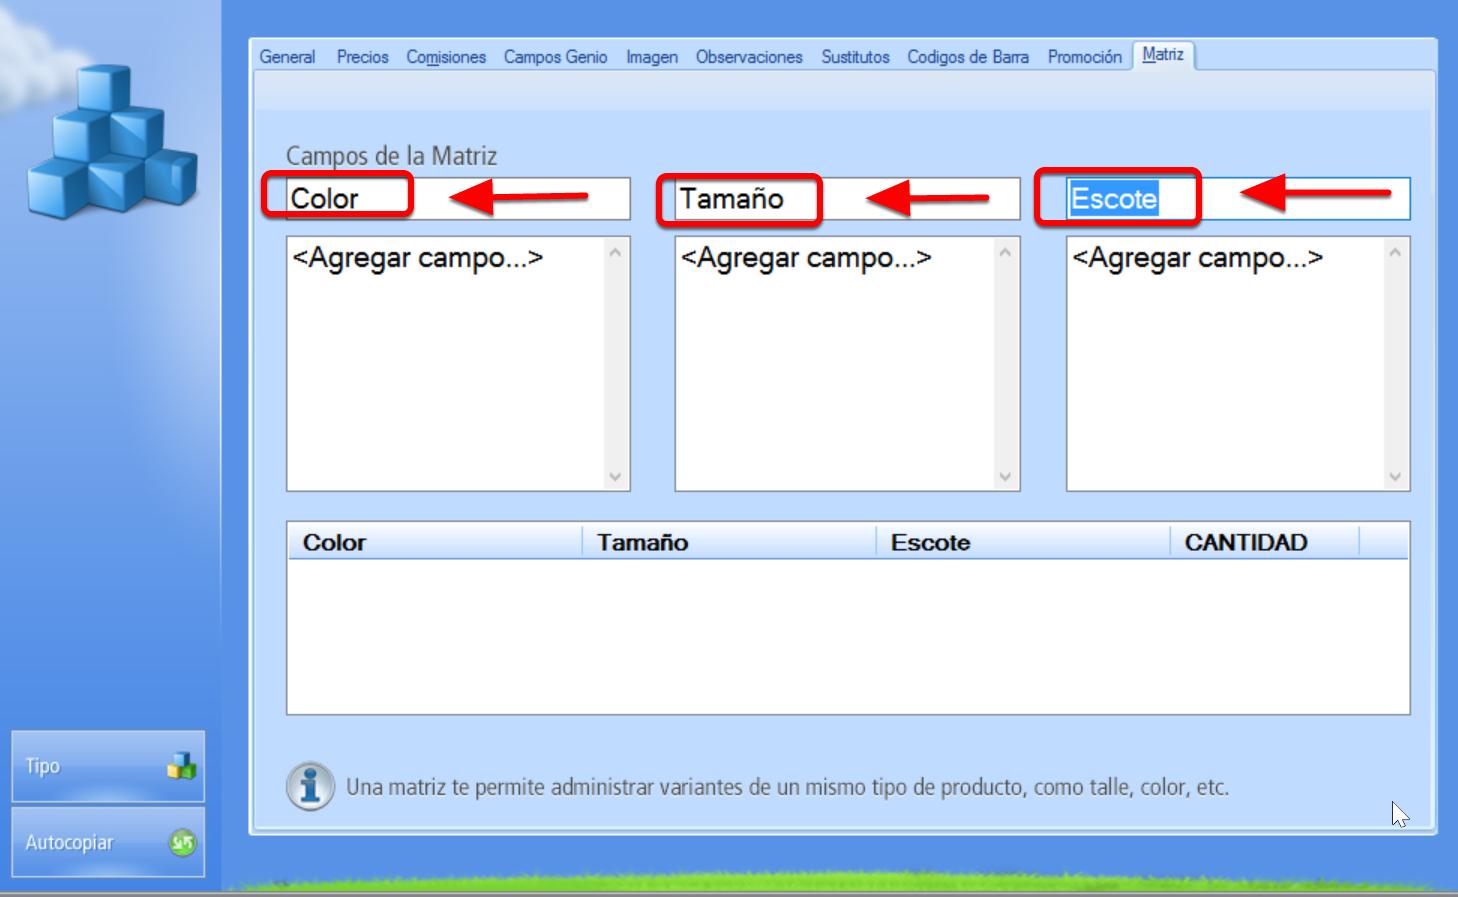 Nombrar campo correspondiente a cada una de las características que varían. Por ejemplo: Color, Talla, Escote